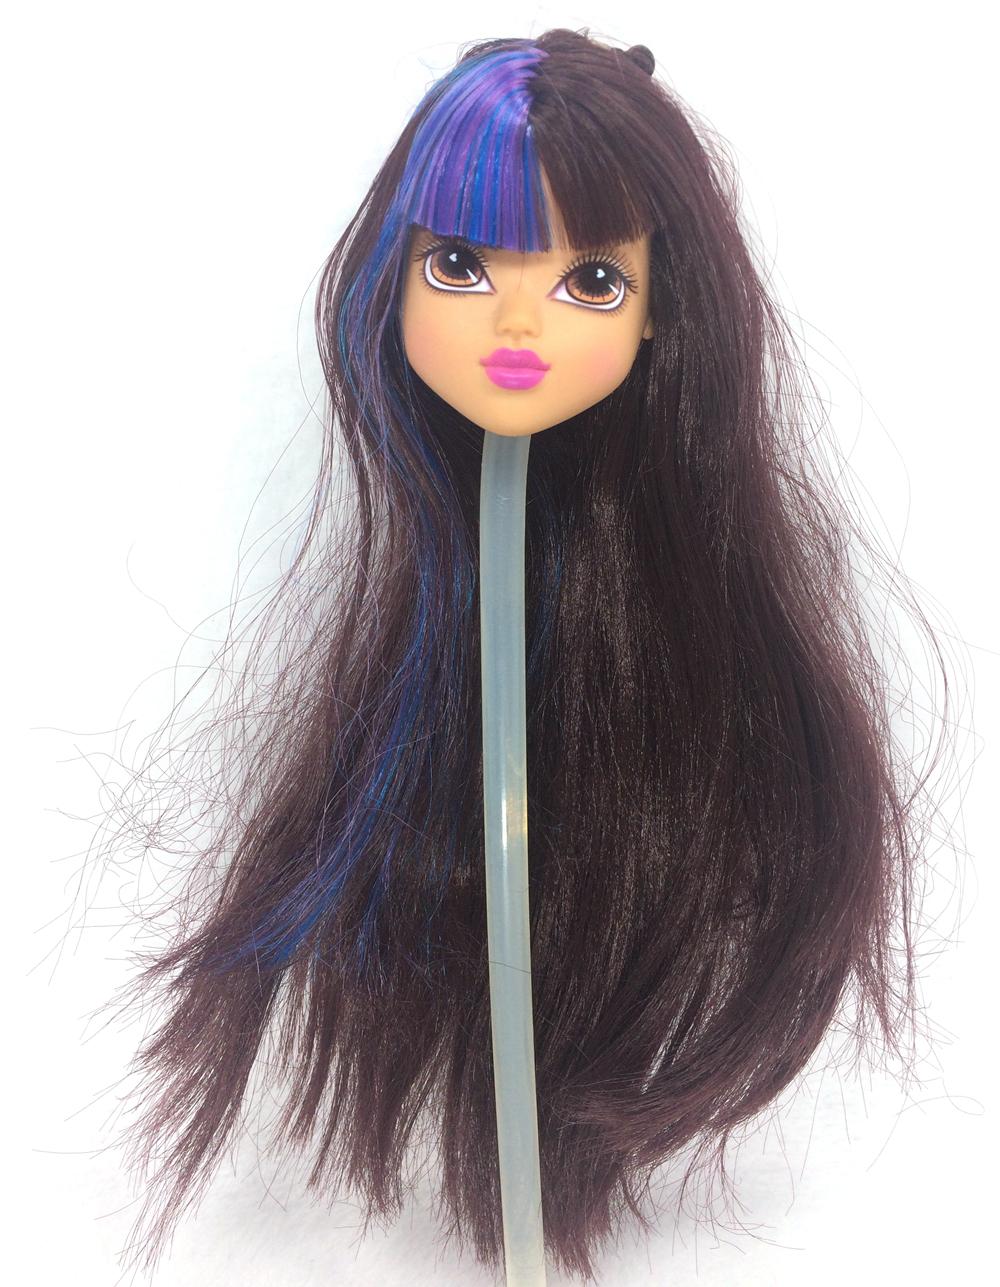 NK 1 Pcs Original MGA Doll Variety Moxie Girlz Doll Head Big Eyes Sisters Girl MAGIC Fashion Cute Baby Doll Gift For Girls 35F(China (Mainland))